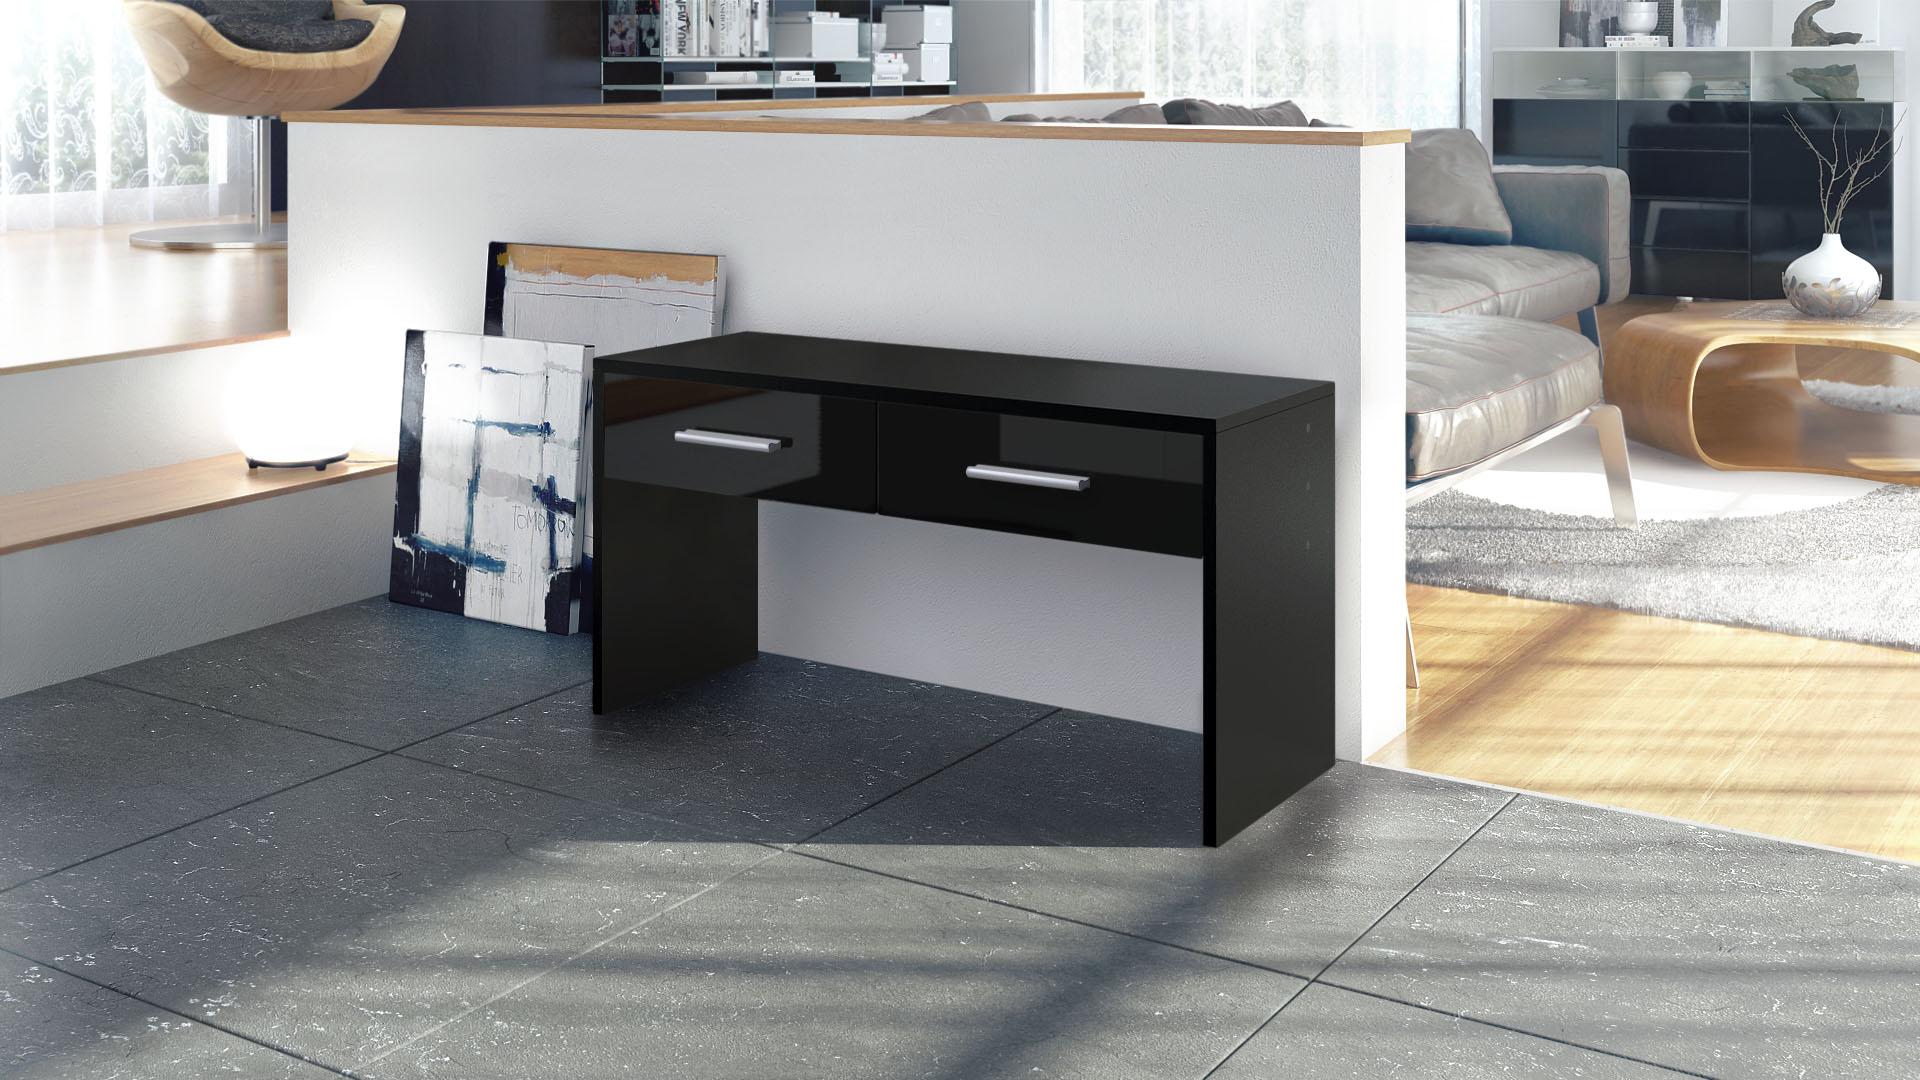 sitzbank schuhbank schemel garderobe hocker bank flurbank luna schwarz hochglanz ebay. Black Bedroom Furniture Sets. Home Design Ideas